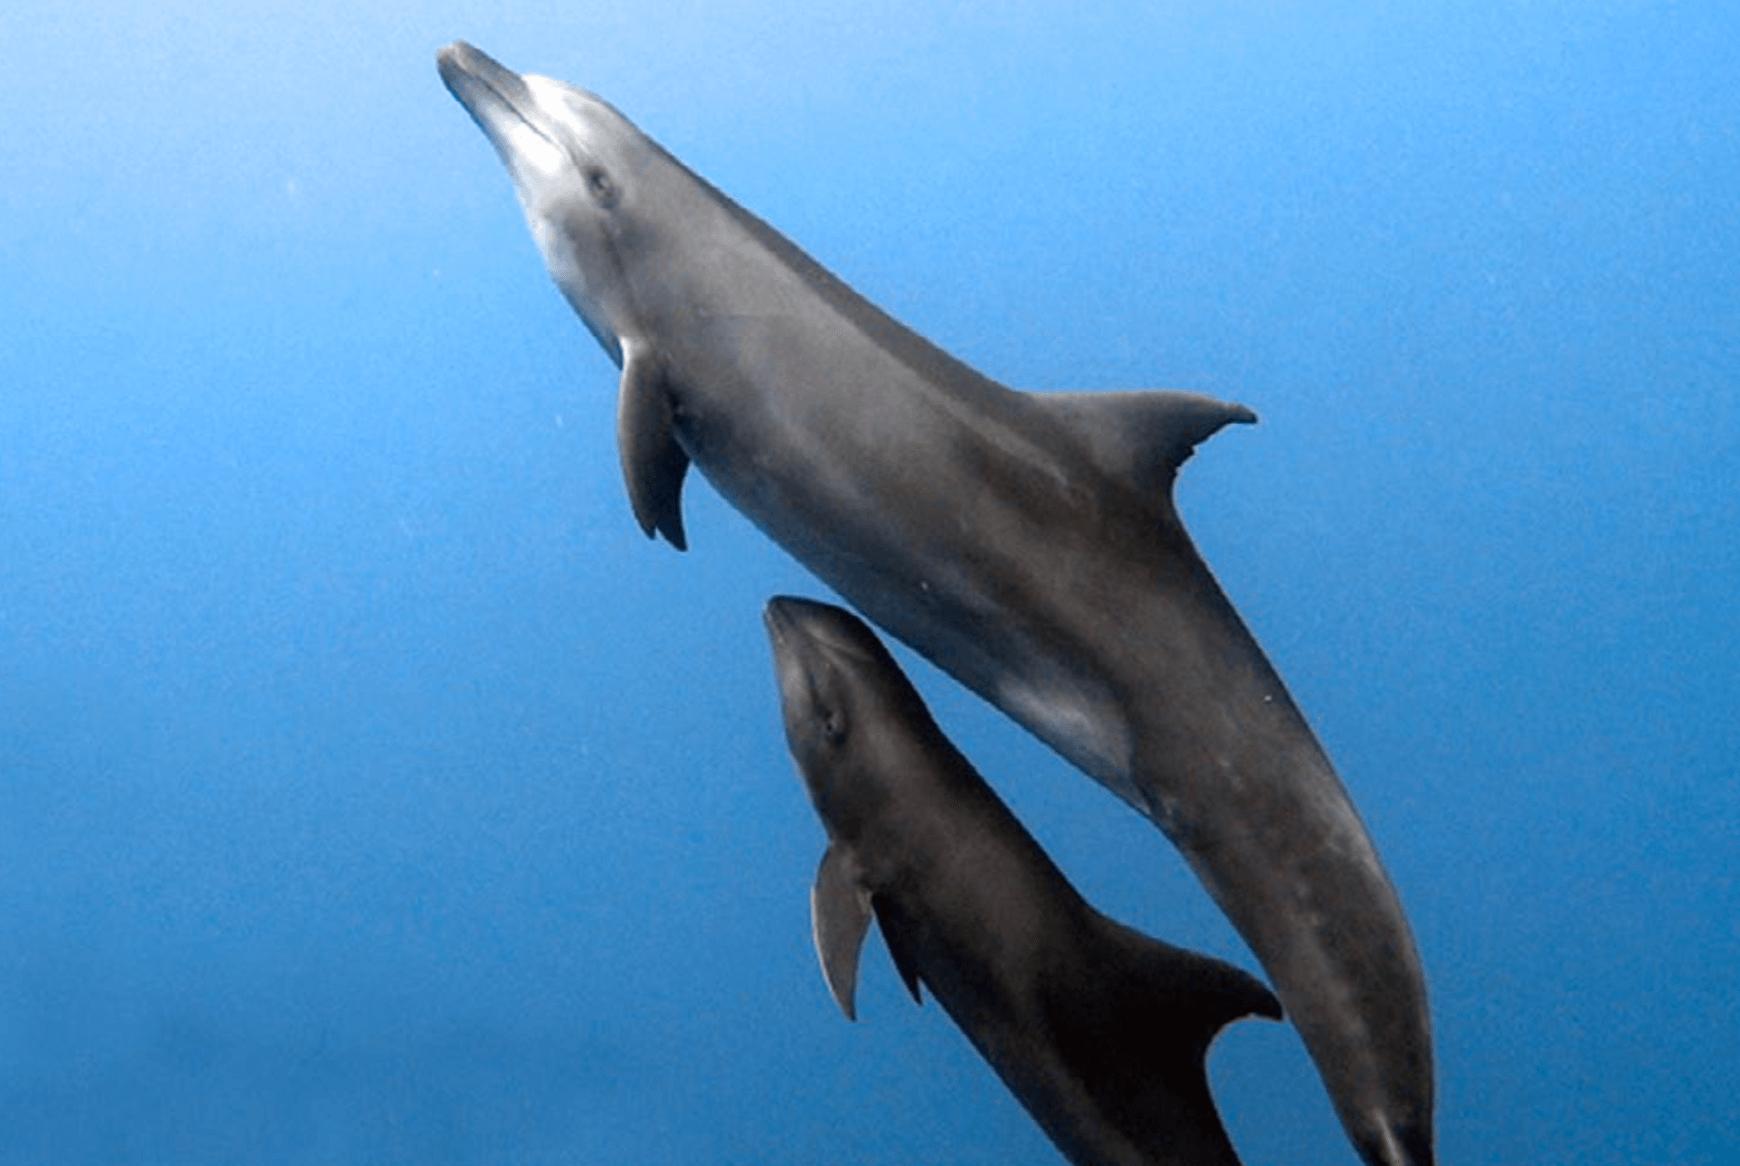 Madre delfín nadando junto a su cría.